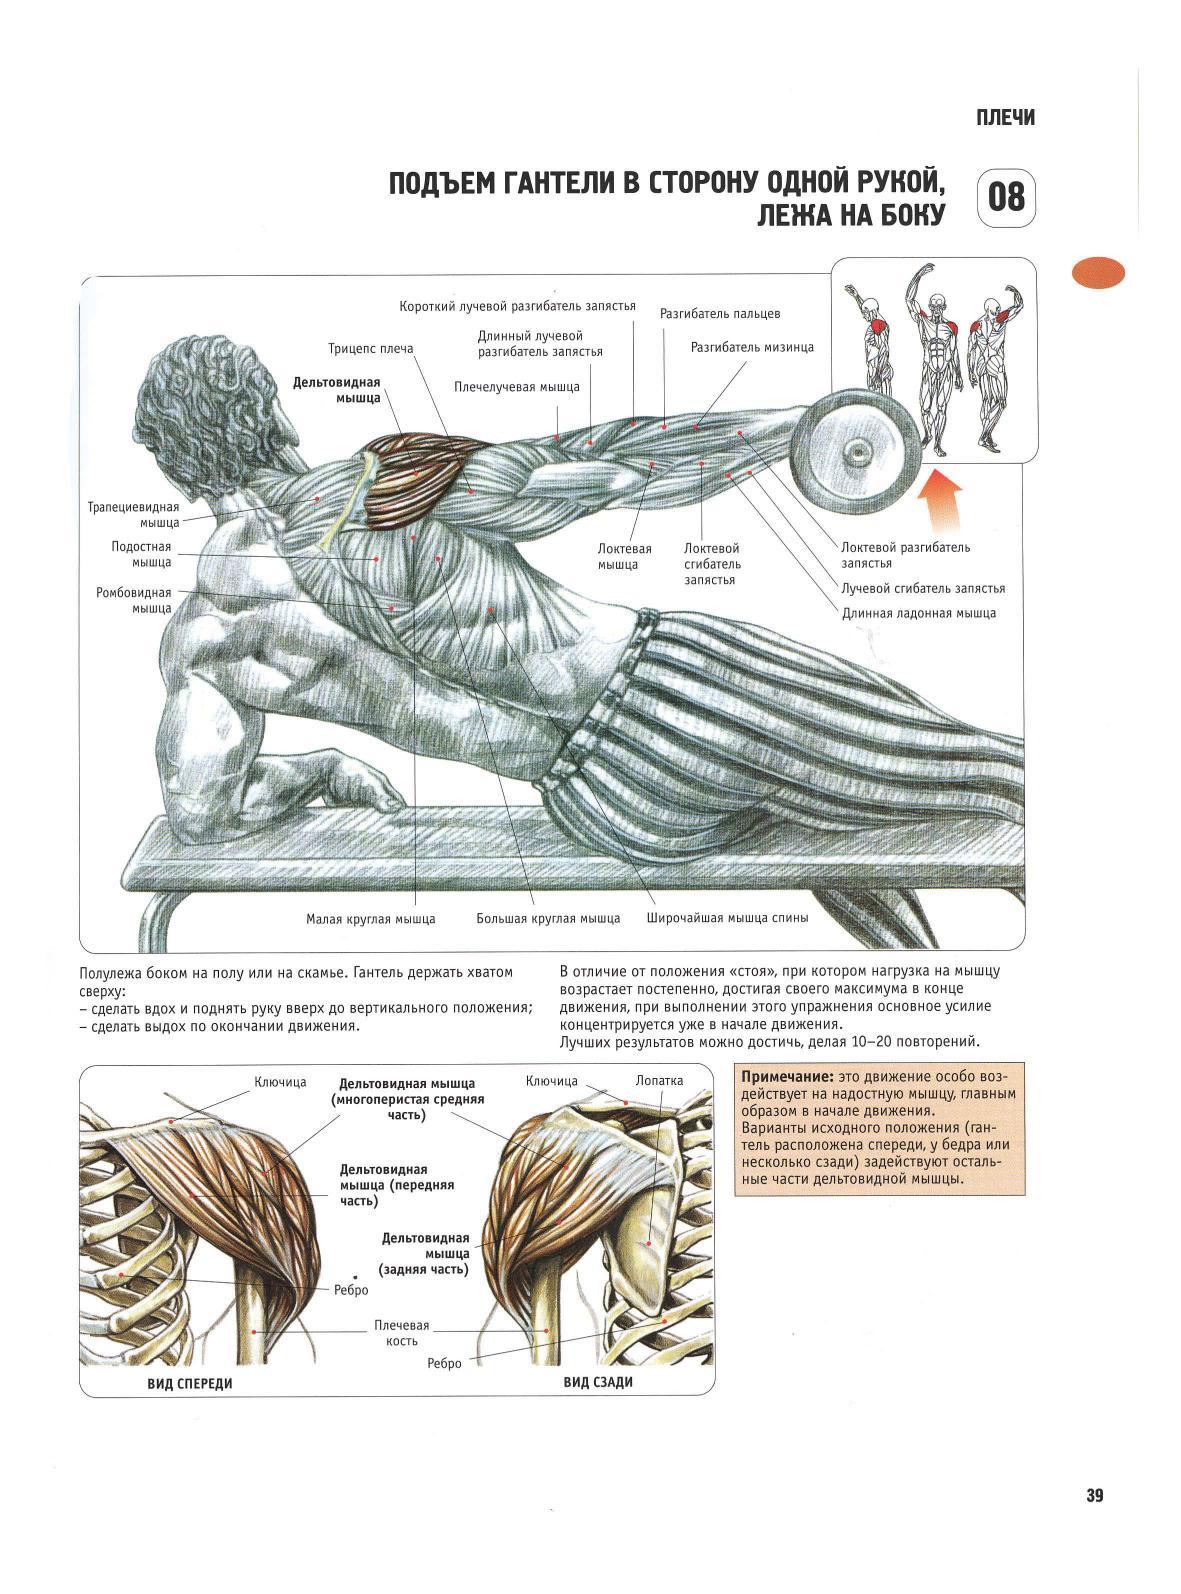 Упражнения на плечевую мышцу в домашних условиях